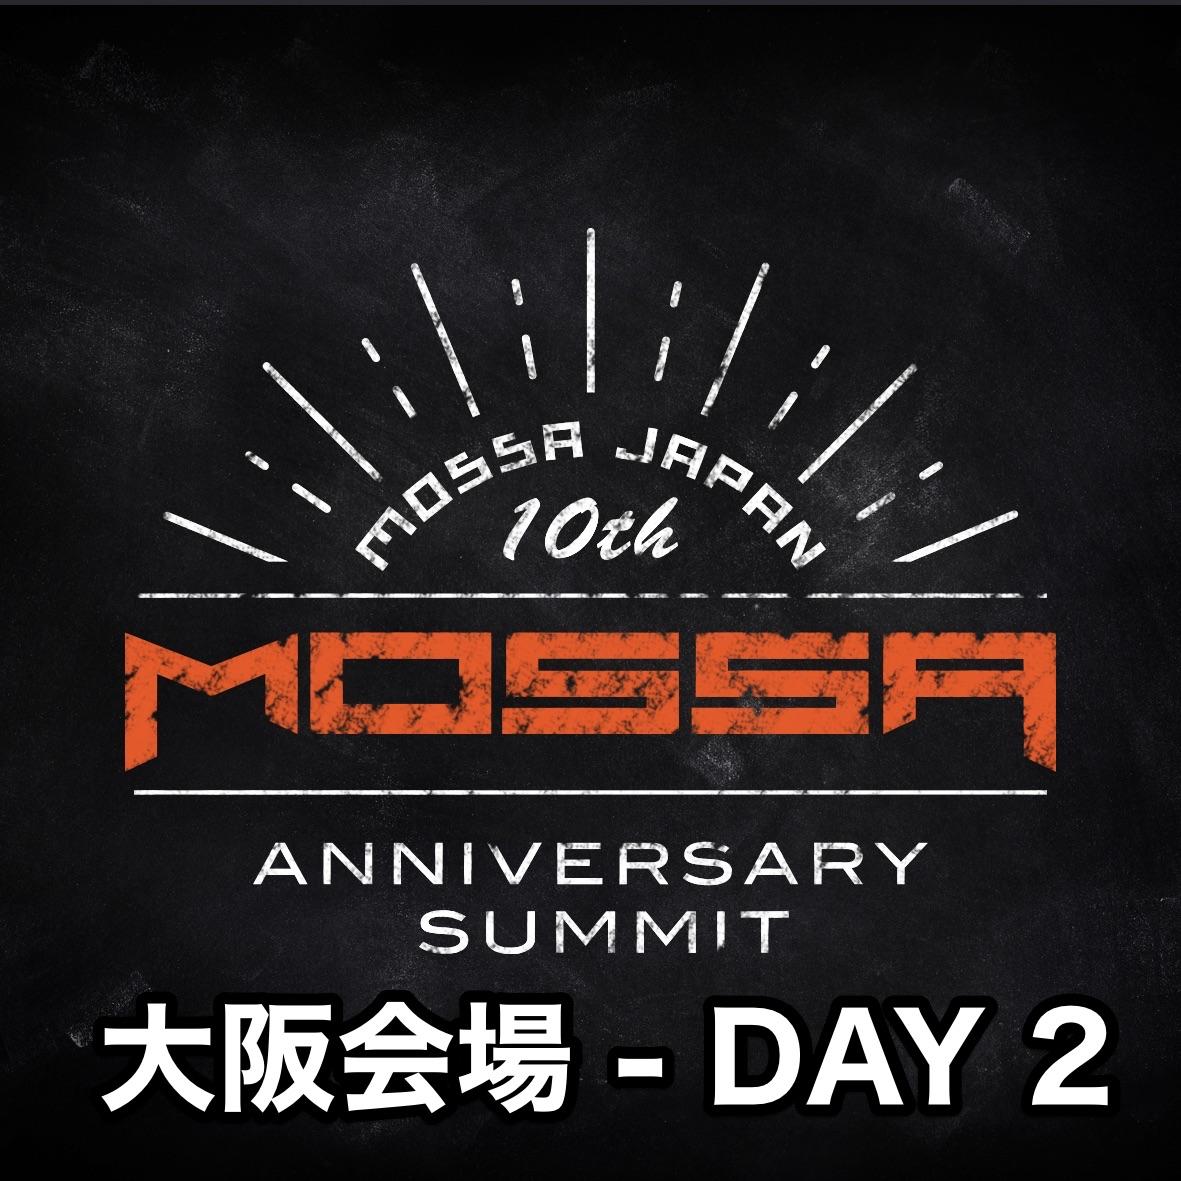 【関西(大阪)会場】DAY 2 ▶ インテンシブ・ビジネスセミナー 《MOSSA Japan 10th Anniversary SUMMIT》